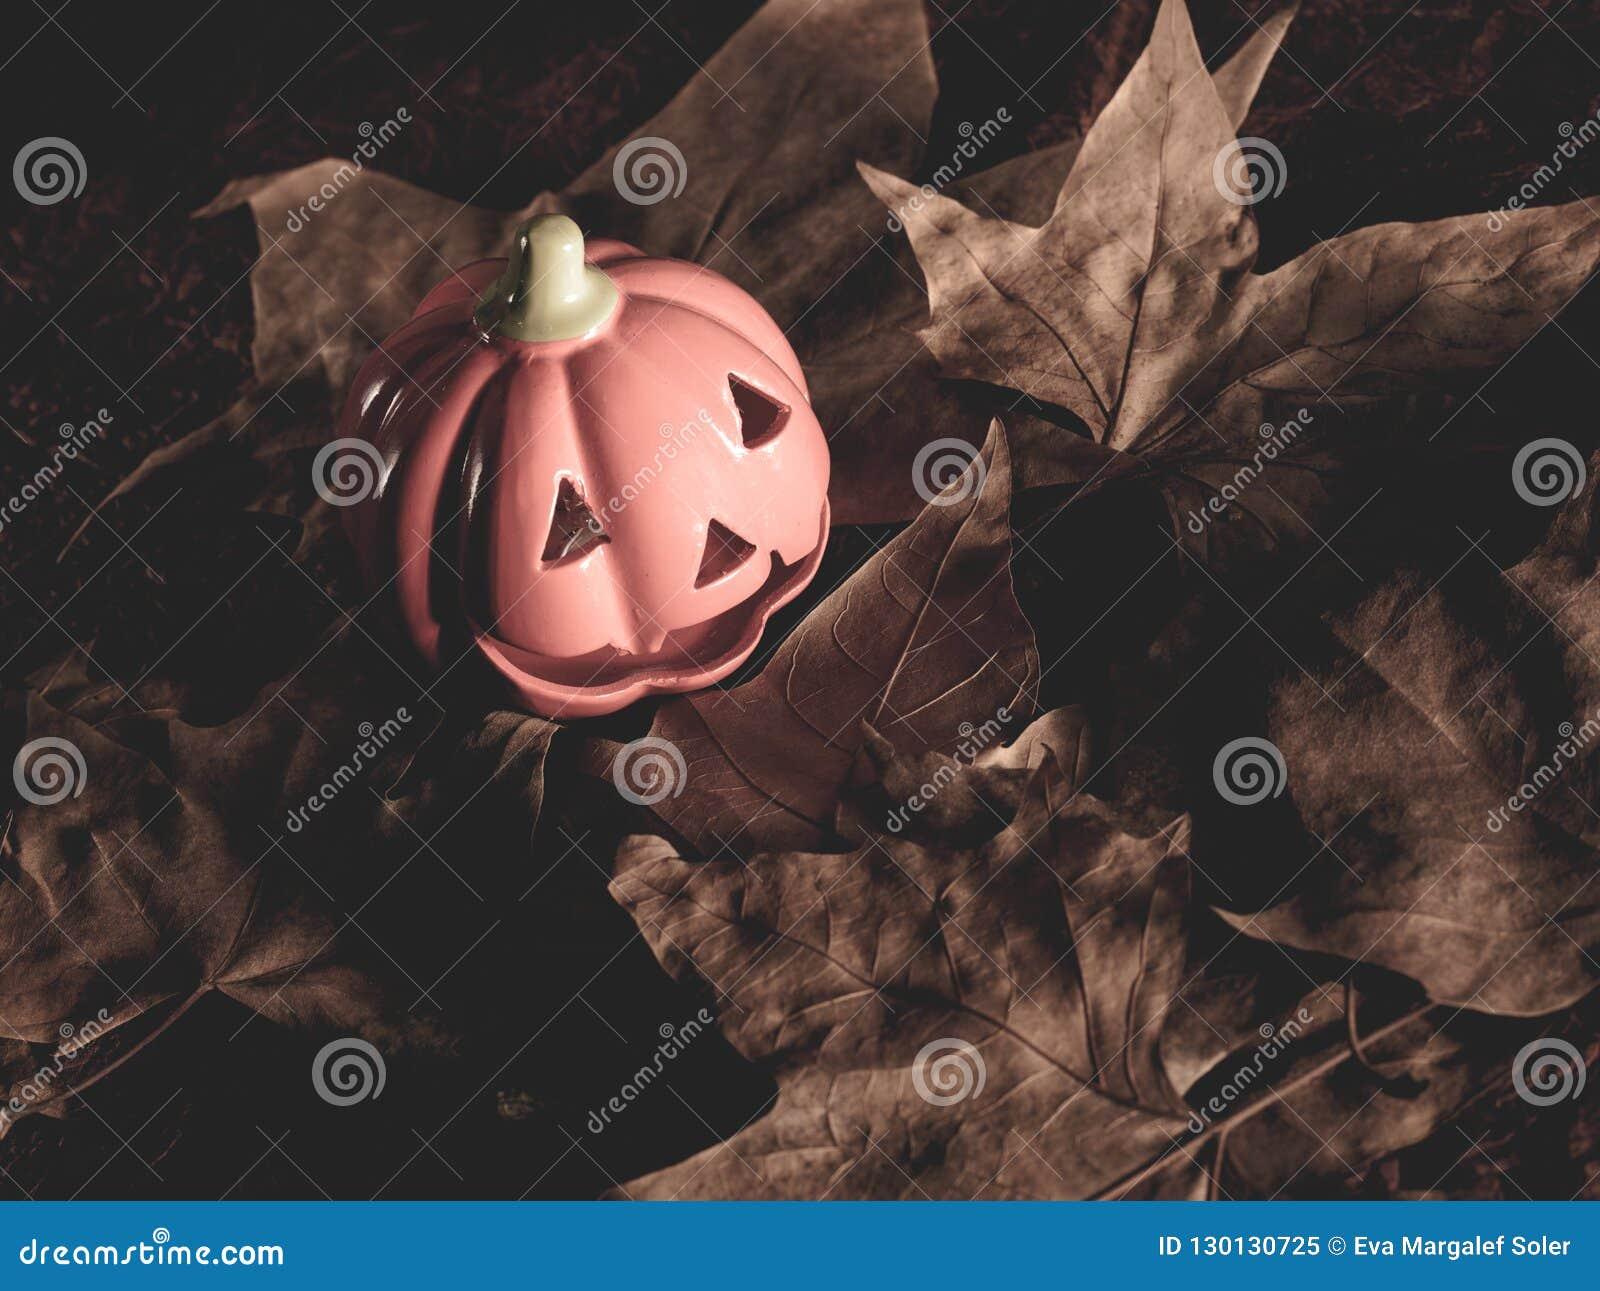 Halloween pumpkin background. fall parties